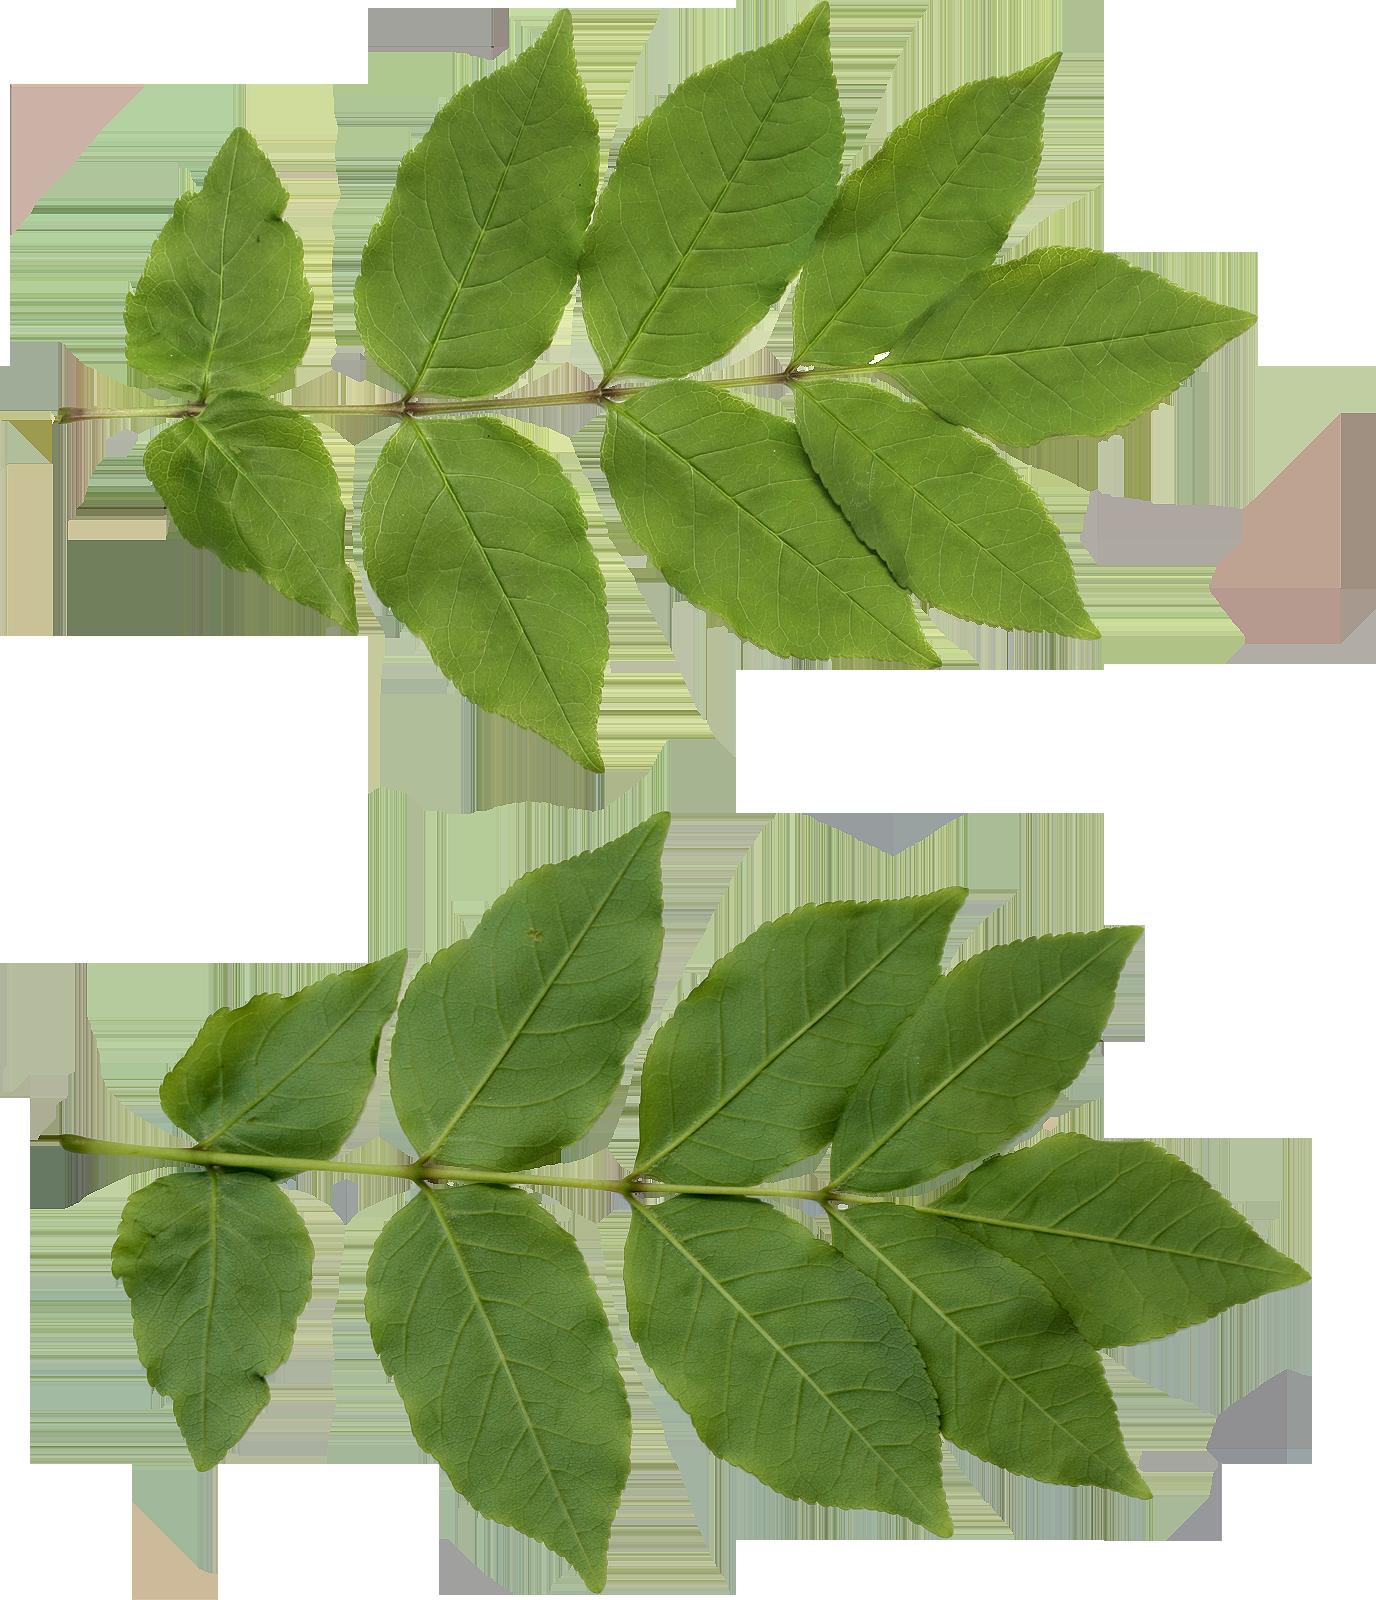 Leaf Png image #38619